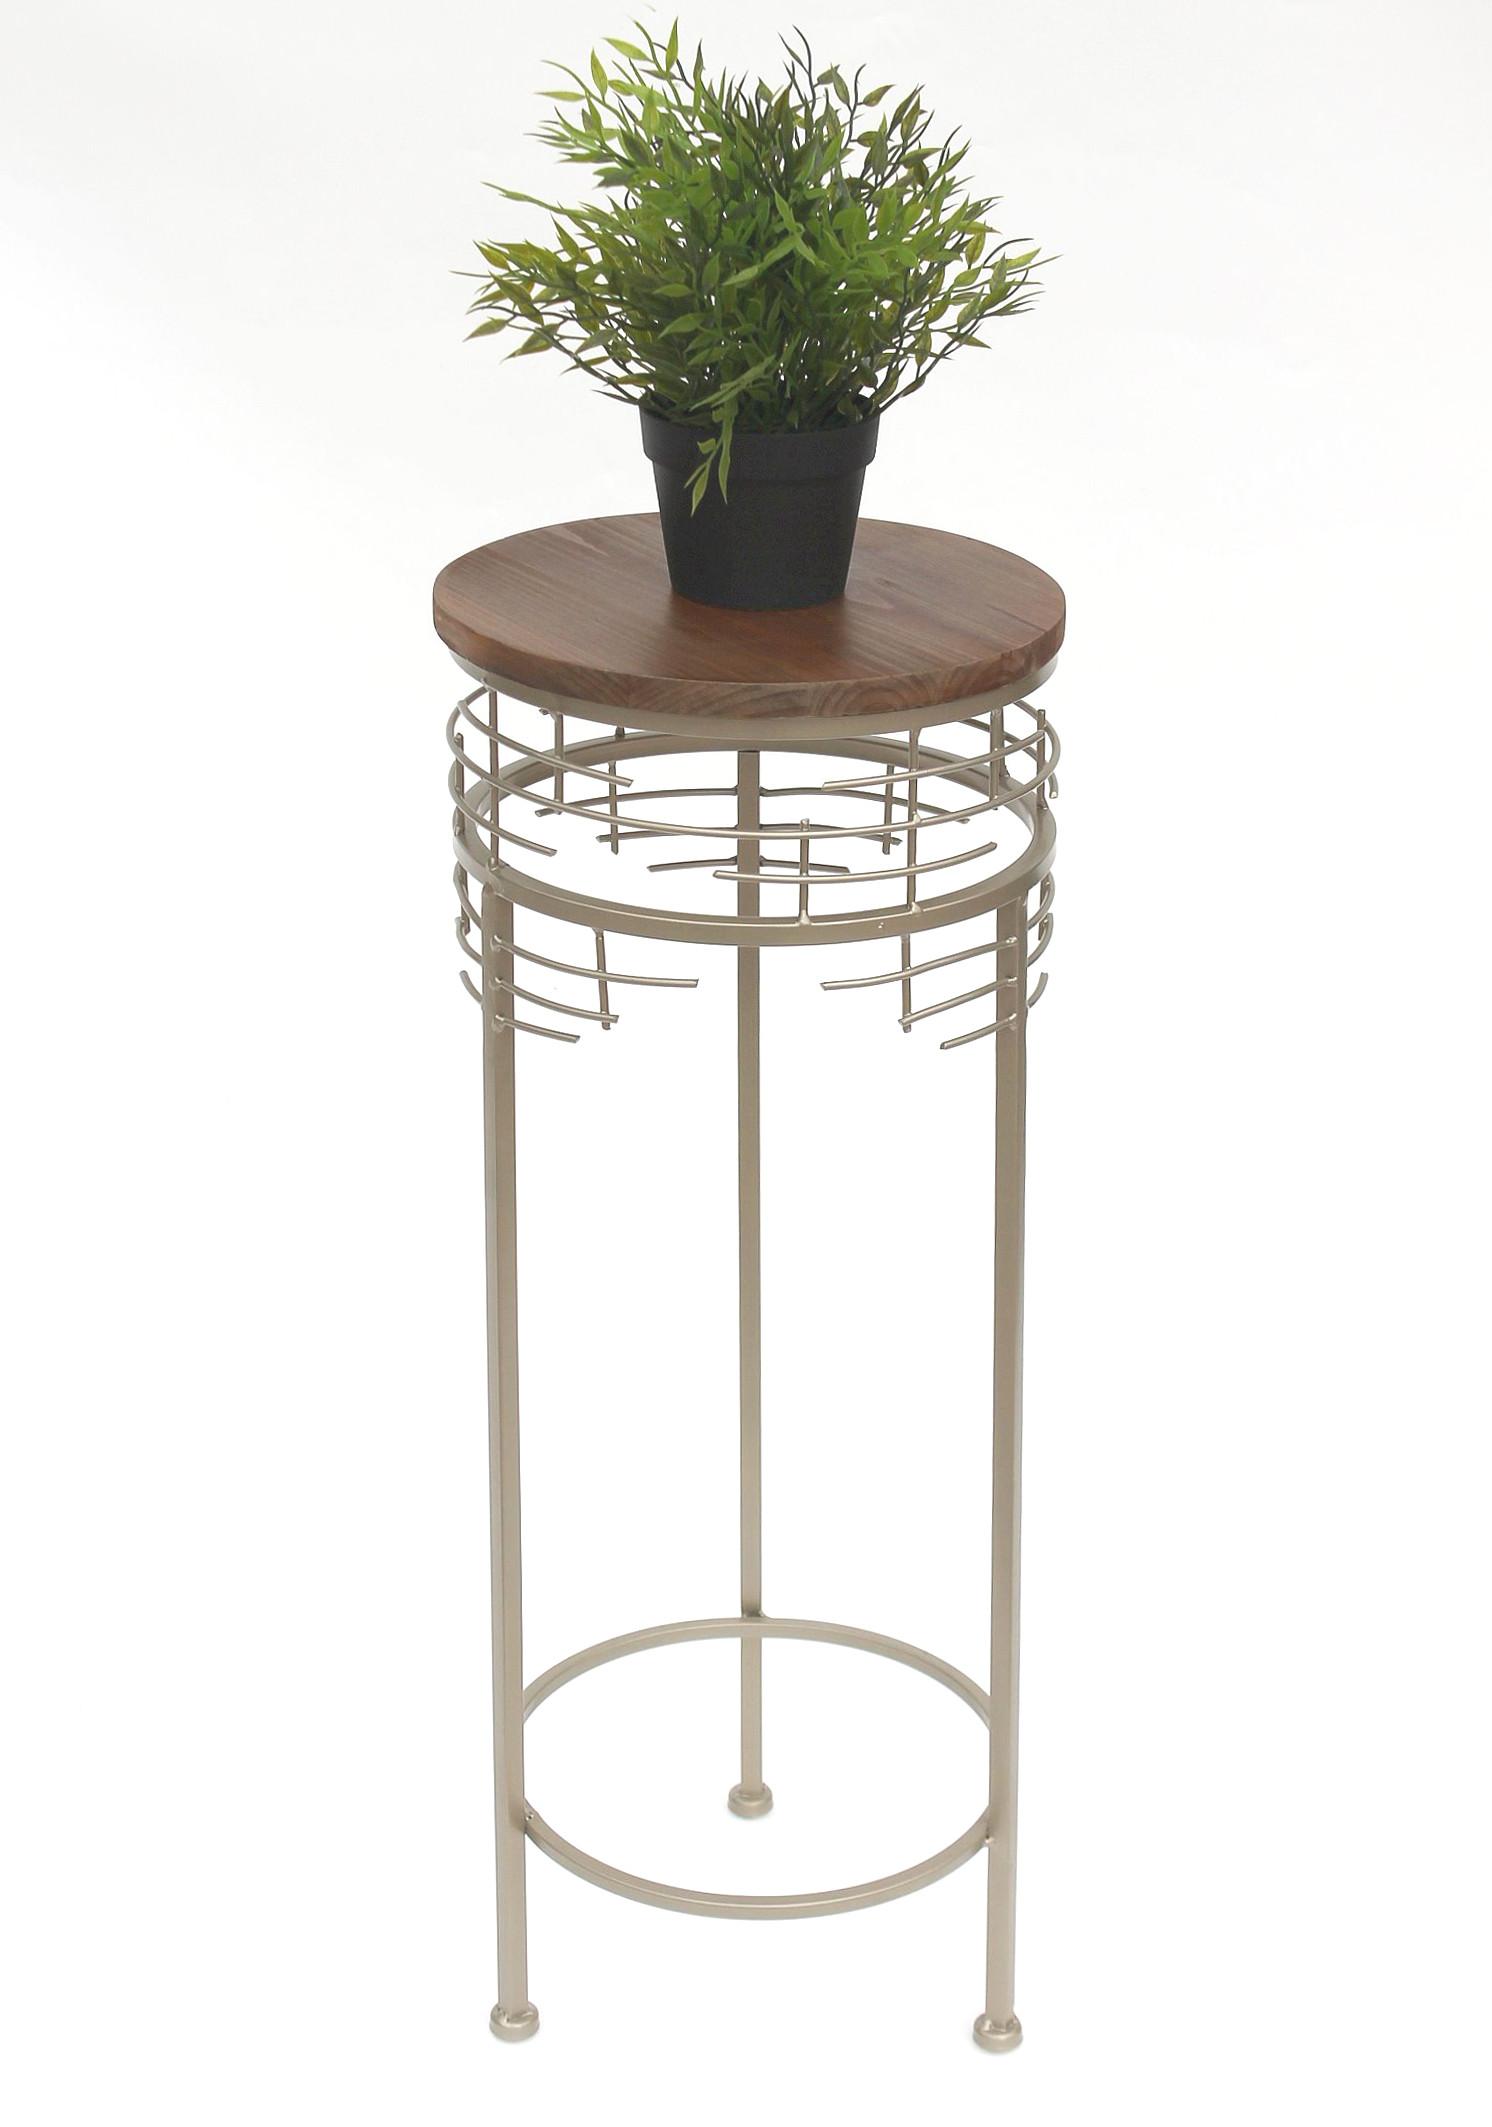 blumenhocker metall 21288 m blumenst nder 68 cm rund. Black Bedroom Furniture Sets. Home Design Ideas